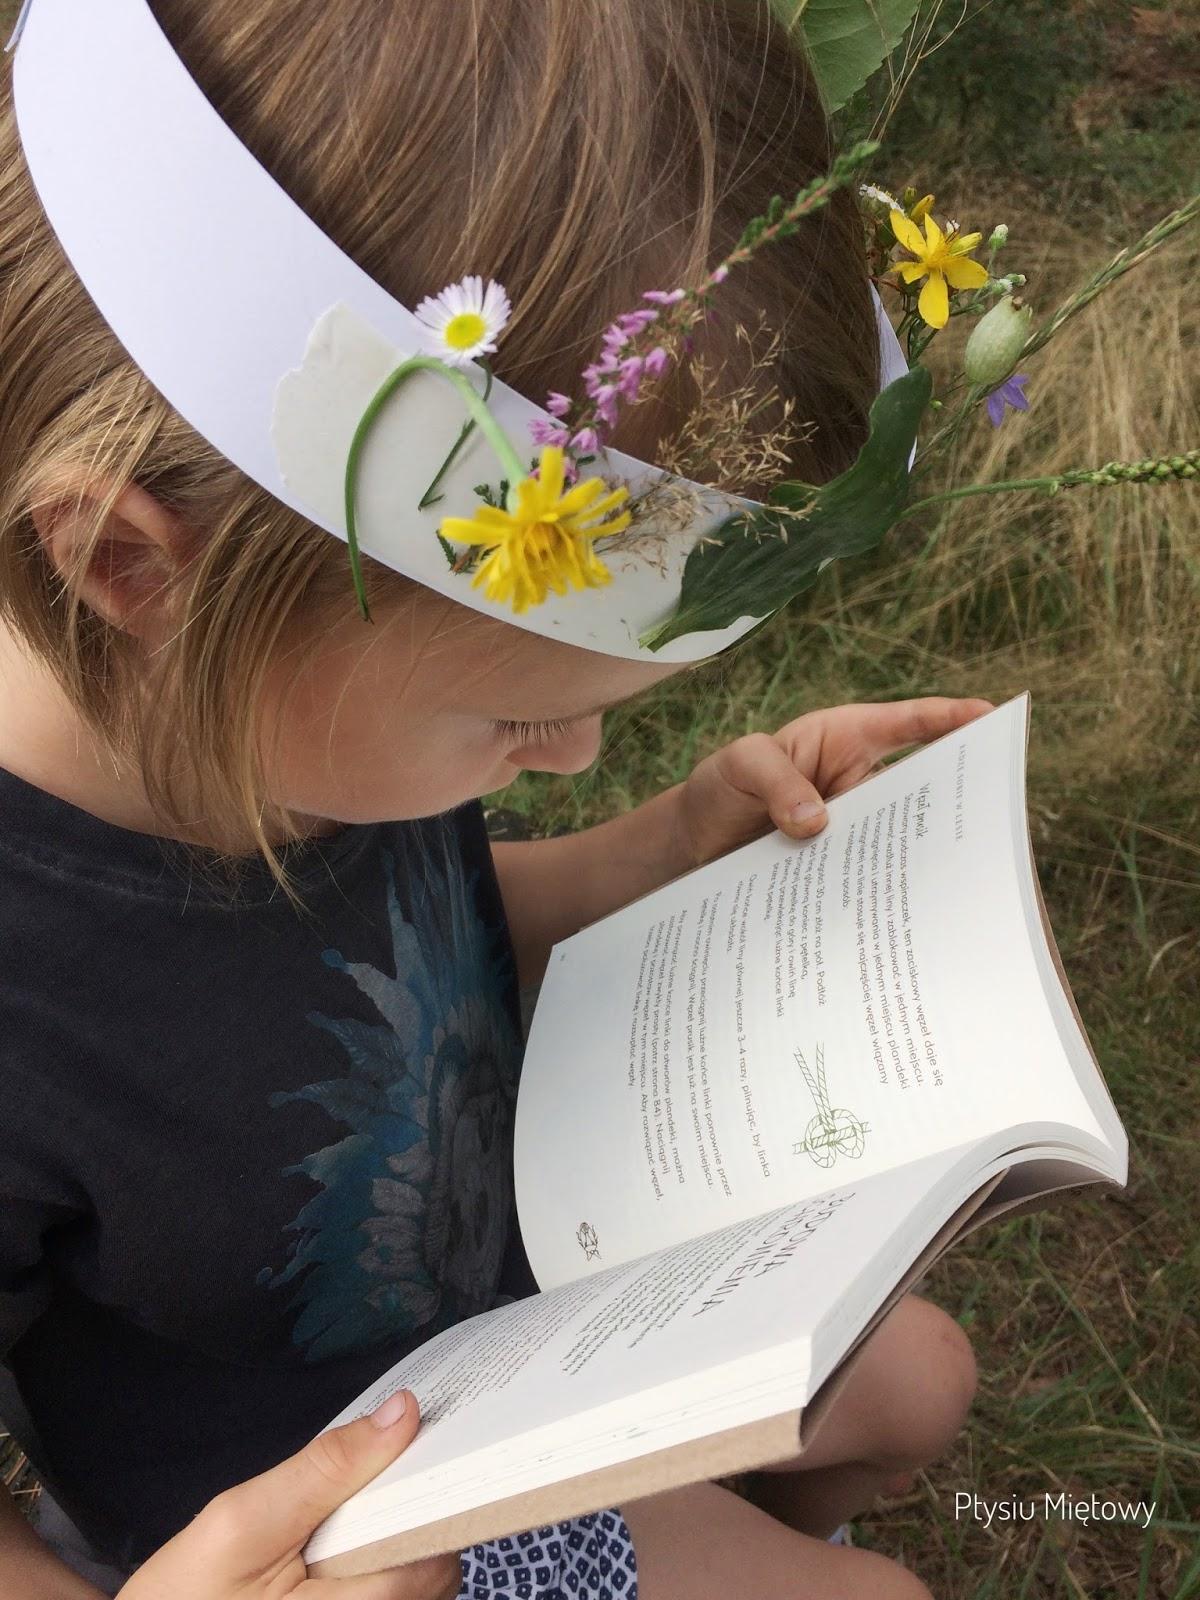 ptysiu mietowy, lesna szkola dla kazdego, wydawnictwo muza, recenzja